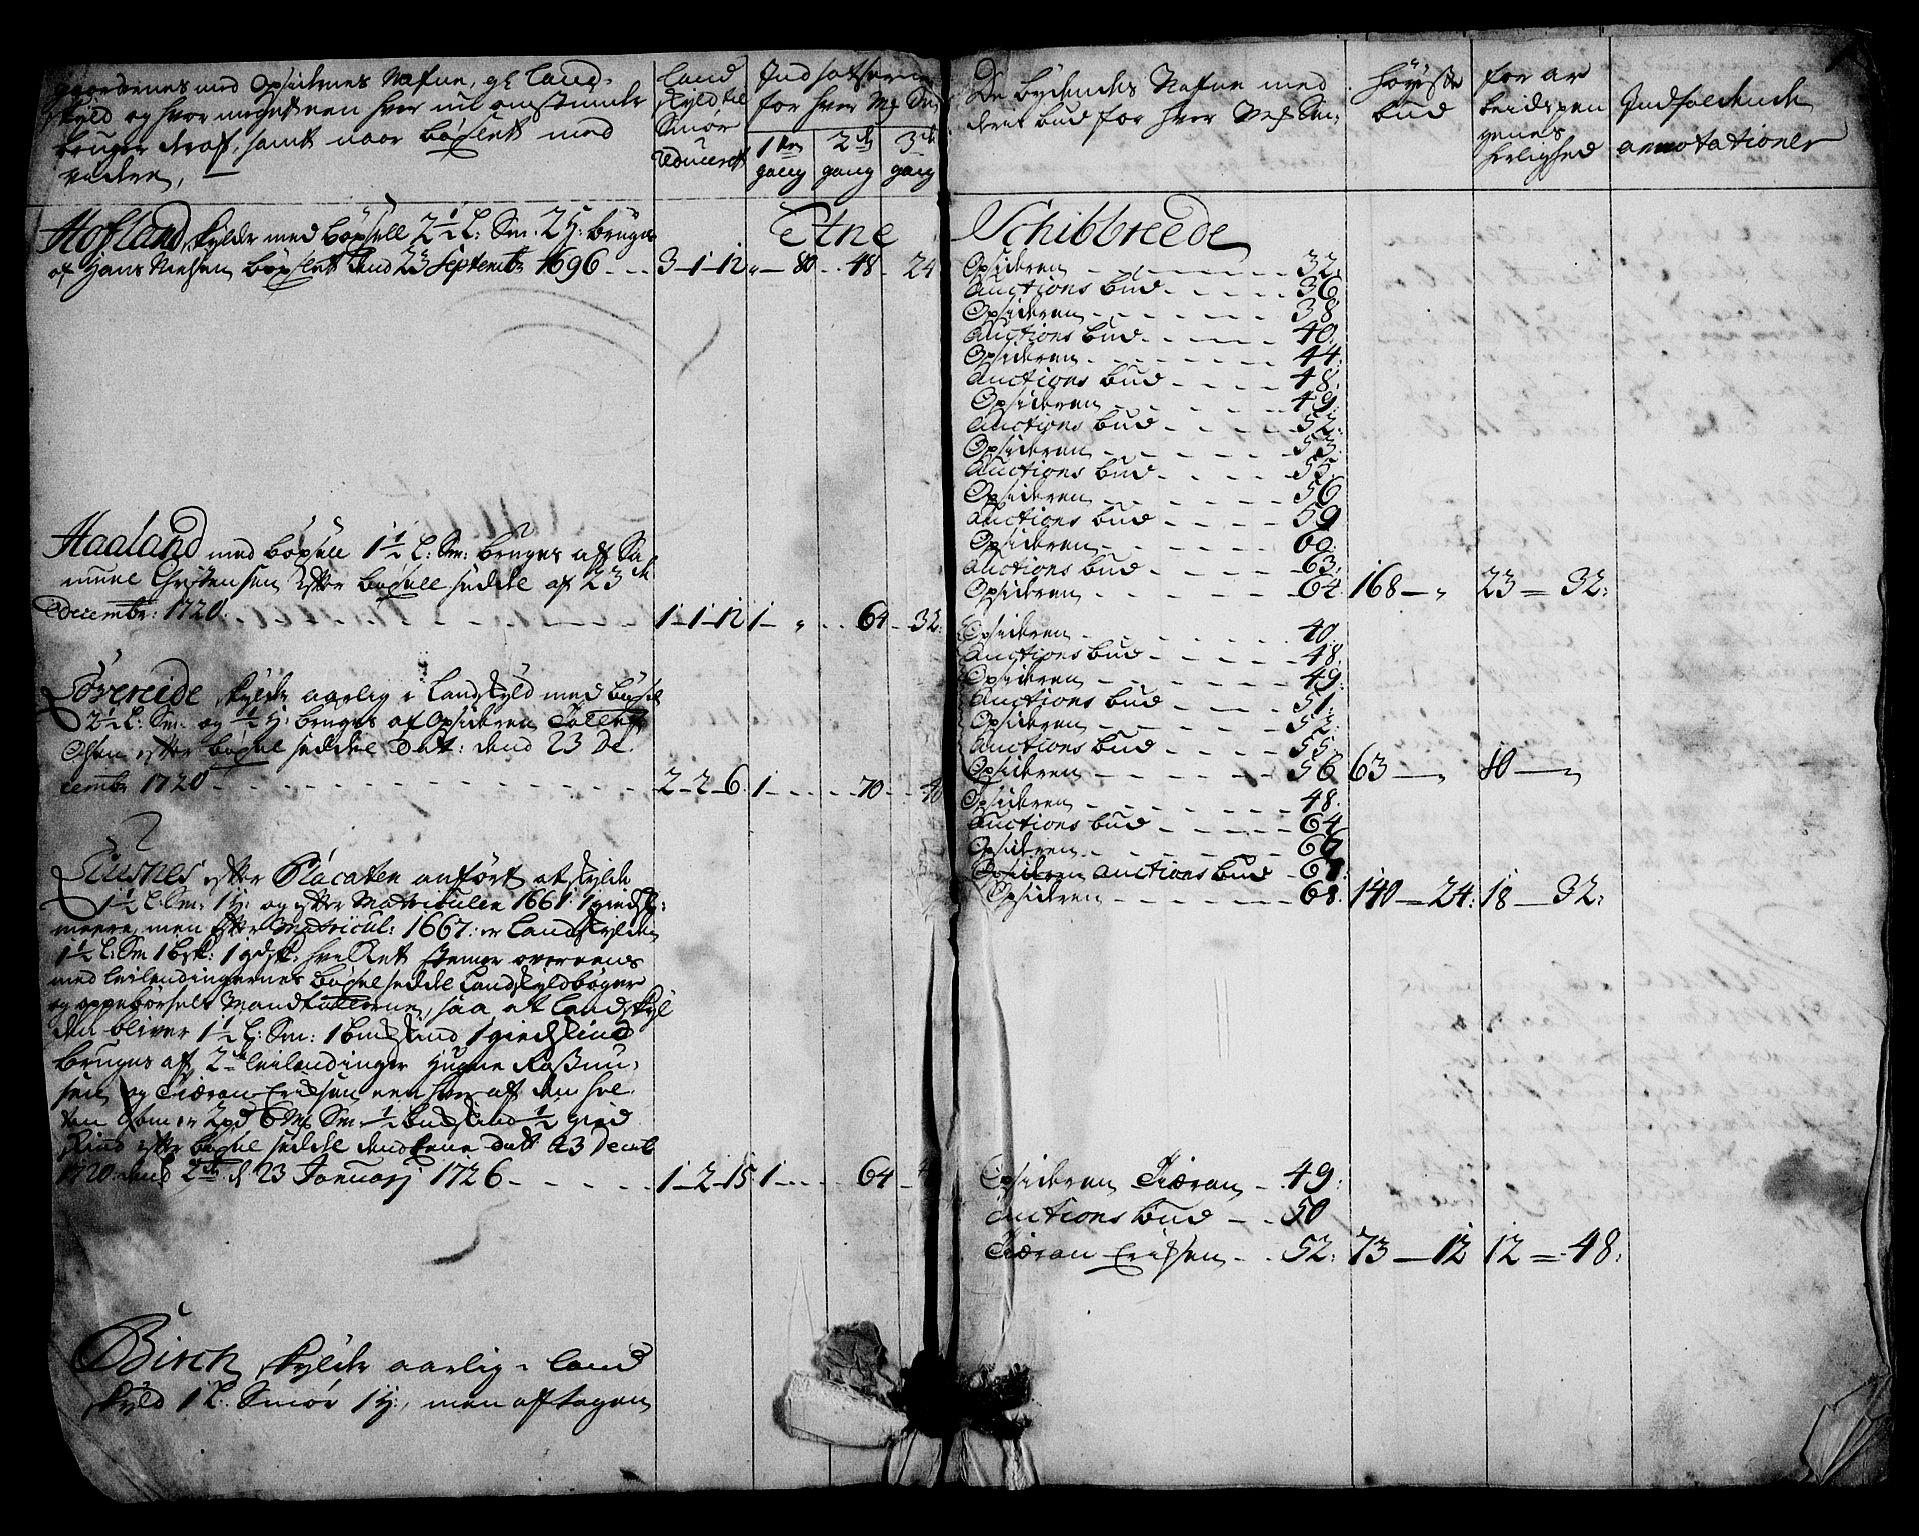 RA, Rentekammeret inntil 1814, Realistisk ordnet avdeling, On/L0003: [Jj 4]: Kommisjonsforretning over Vilhelm Hanssøns forpaktning av Halsnøy klosters gods, 1721-1729, s. 328